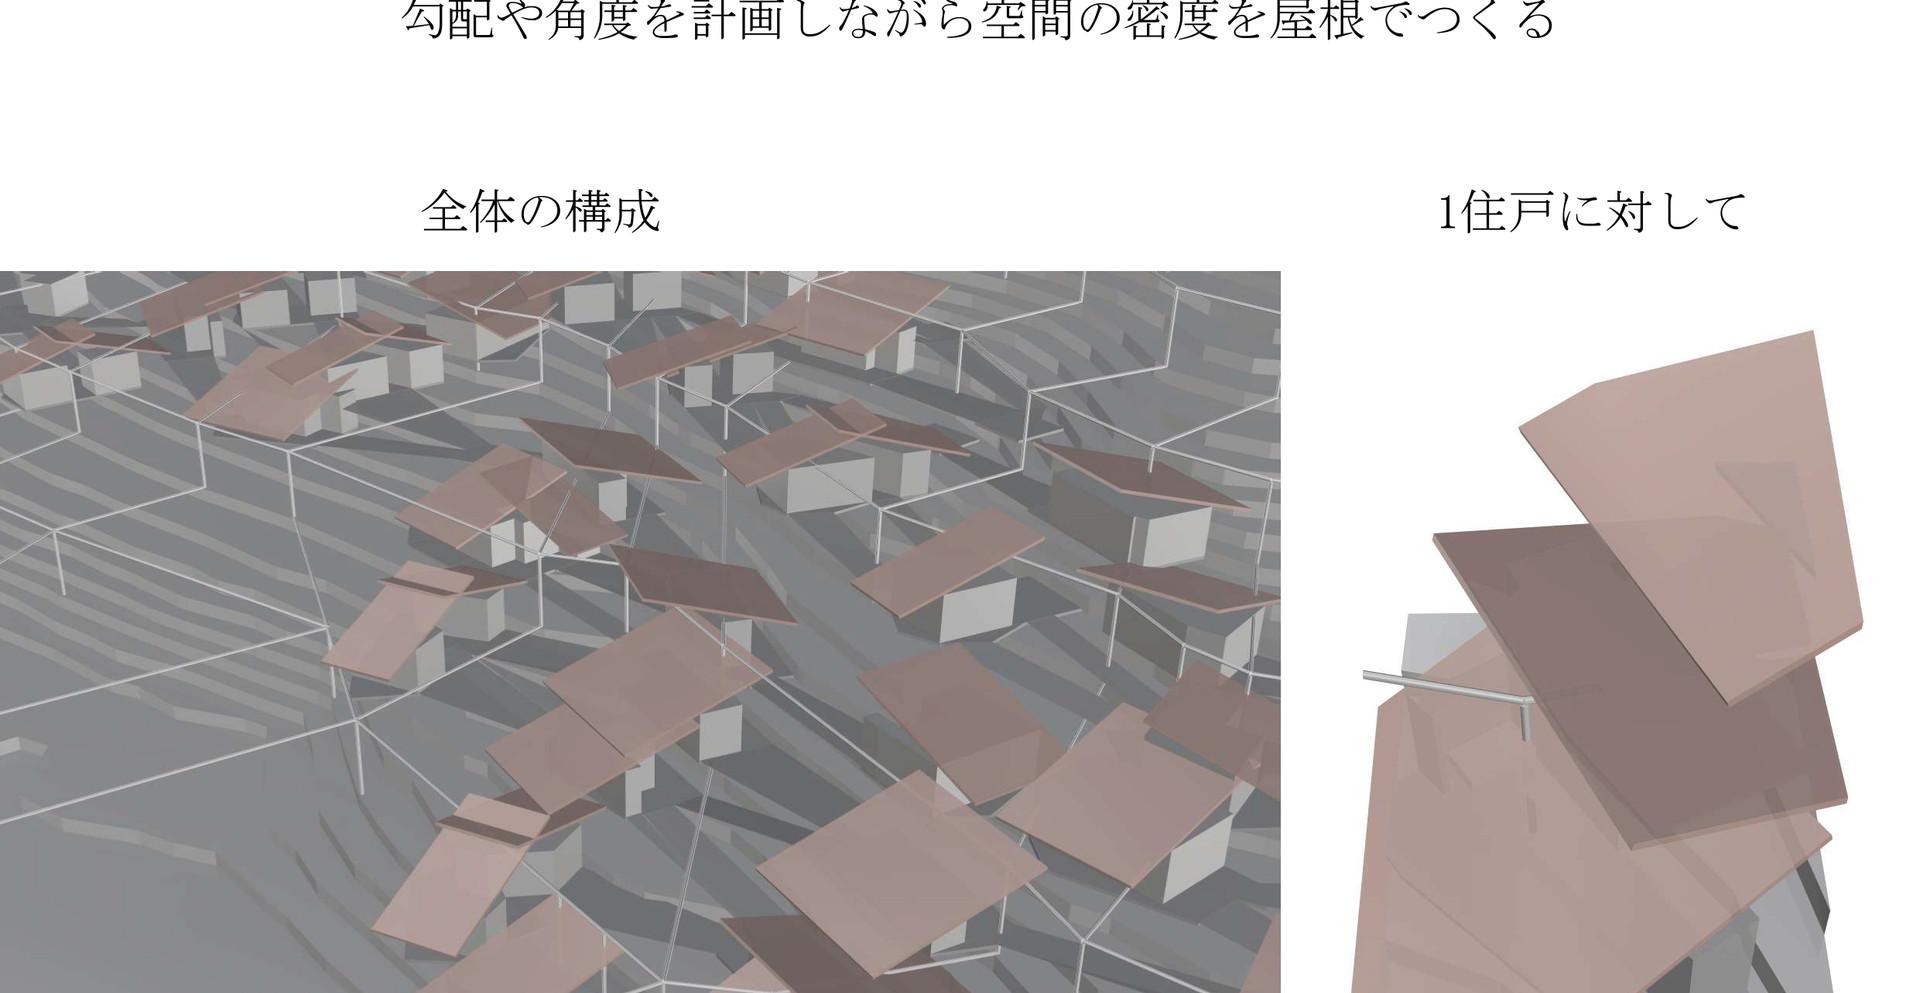 井川日生李 11.jpg